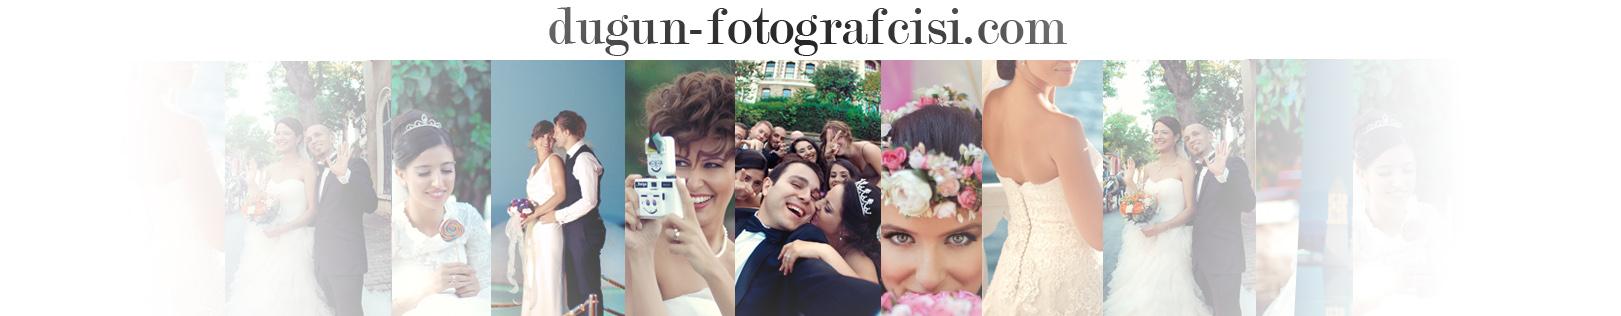 dugun-fotografcisi.com